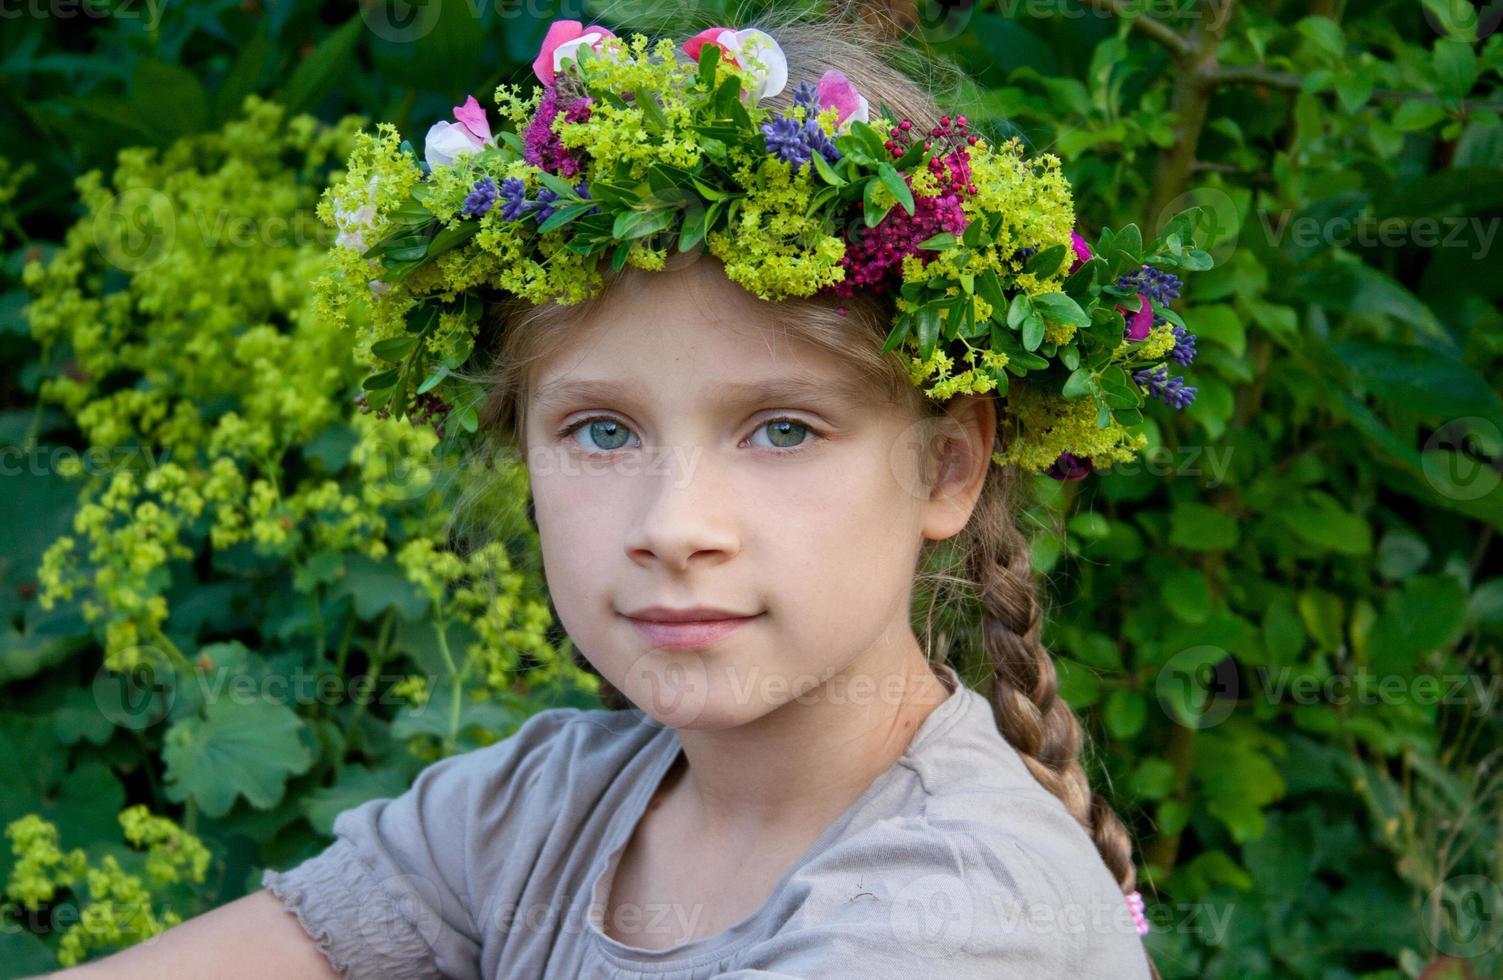 ghirlanda di fiori foto